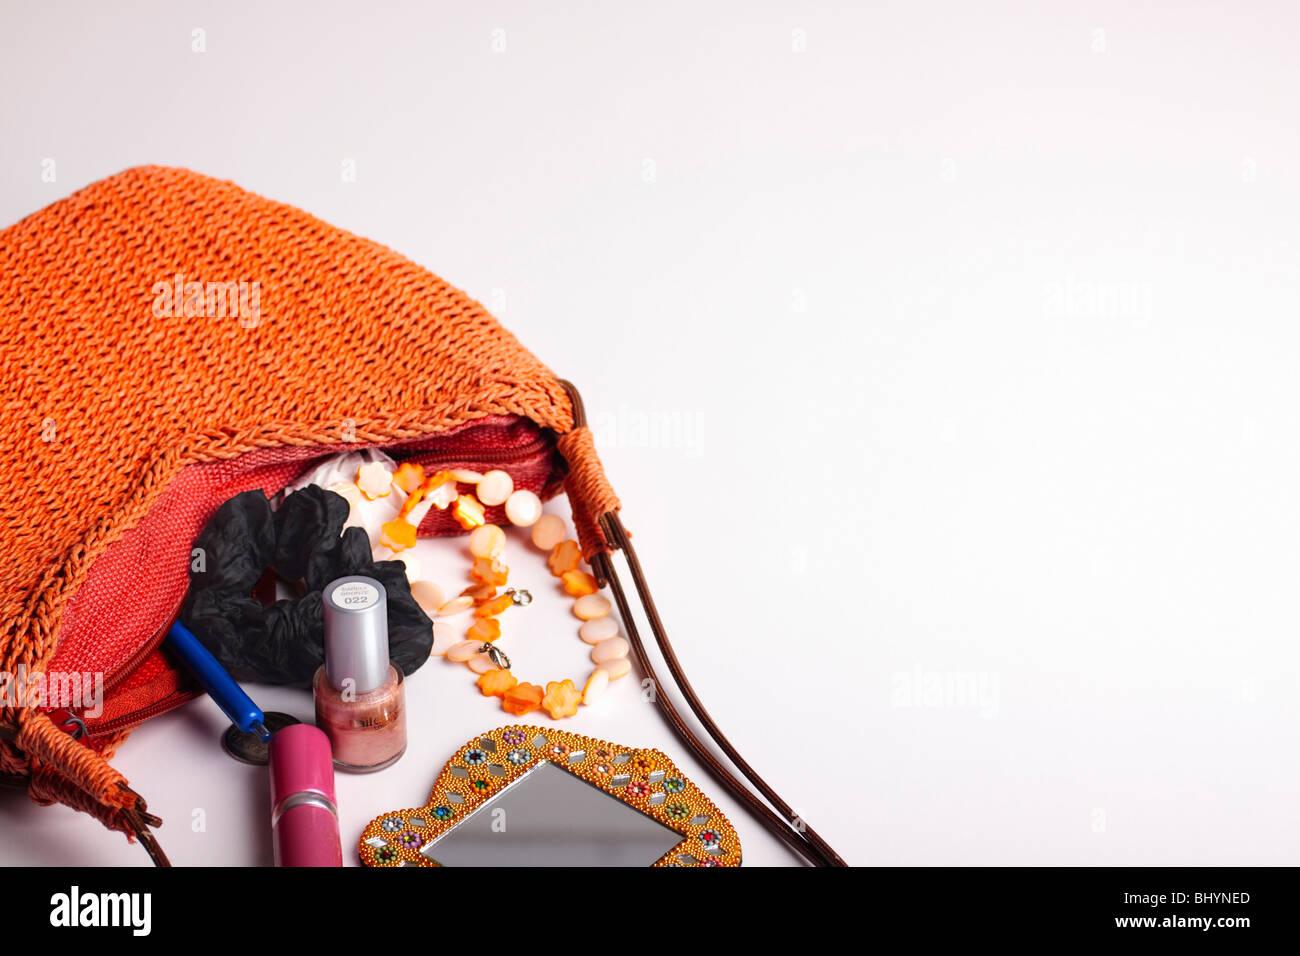 93879f2da Moderna, tejida de fibra de naranja bolso sobre su costado, derramando su  contenido.